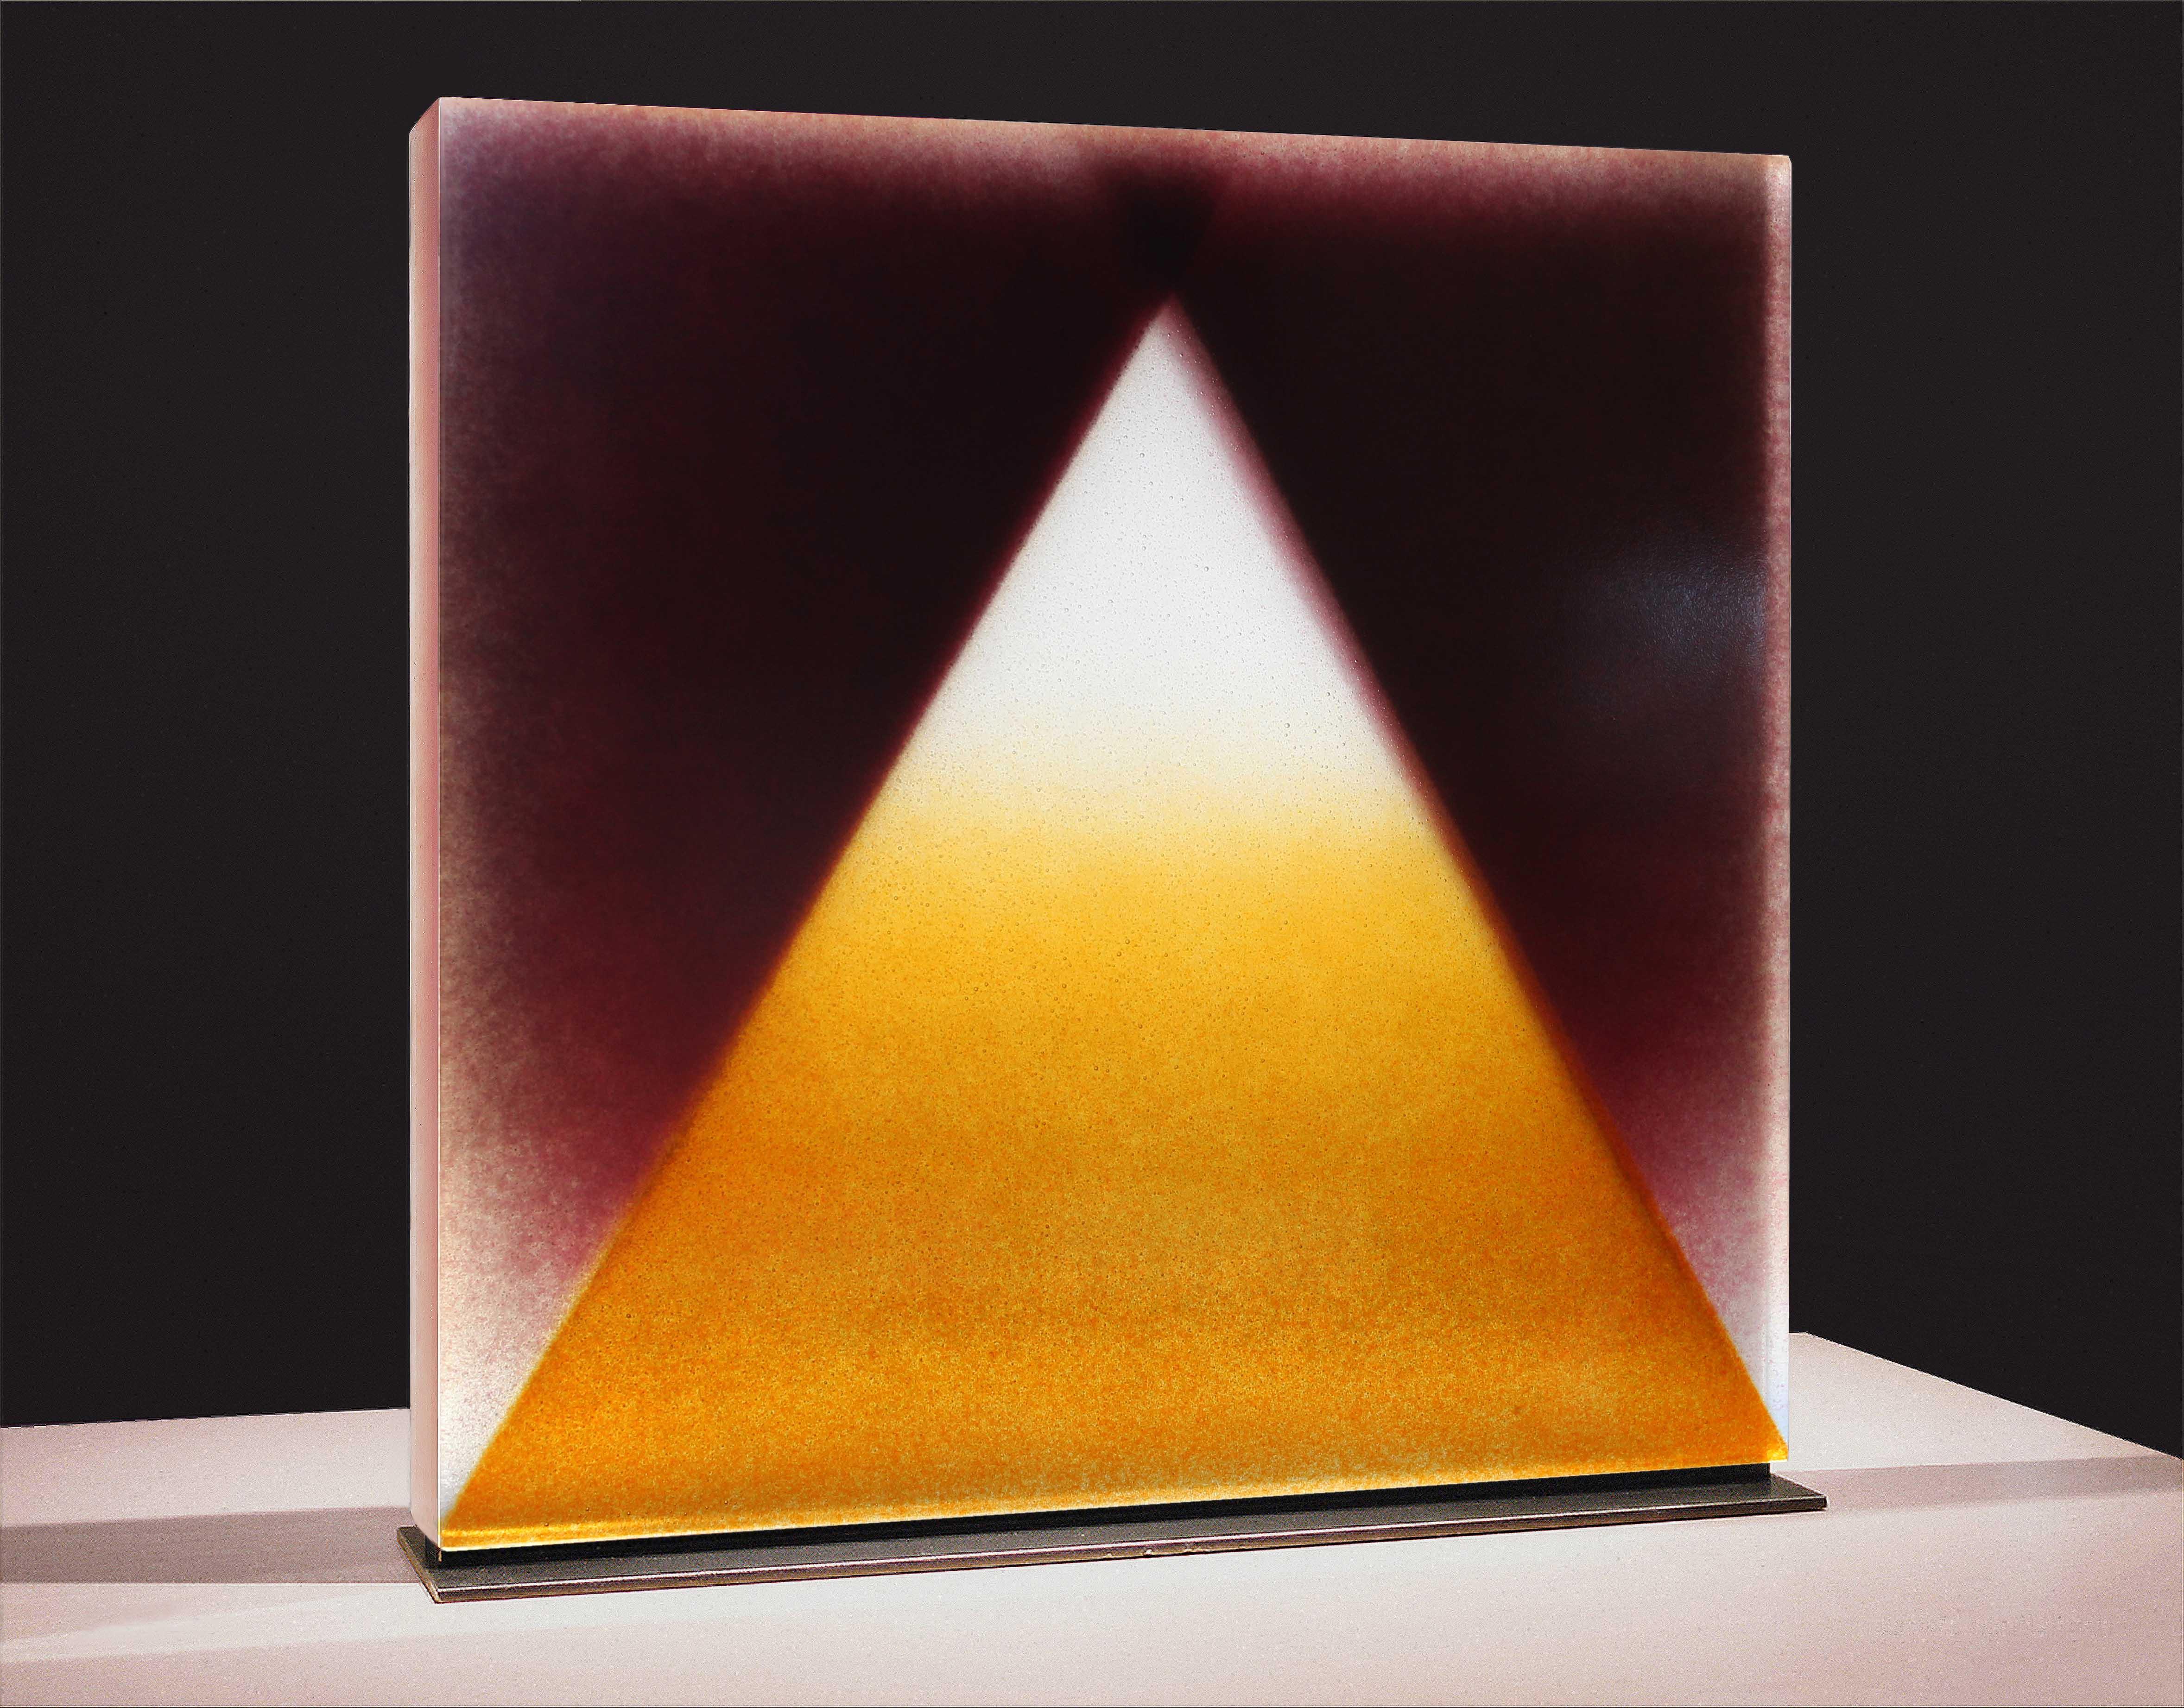 spacecolor pyramid 2015